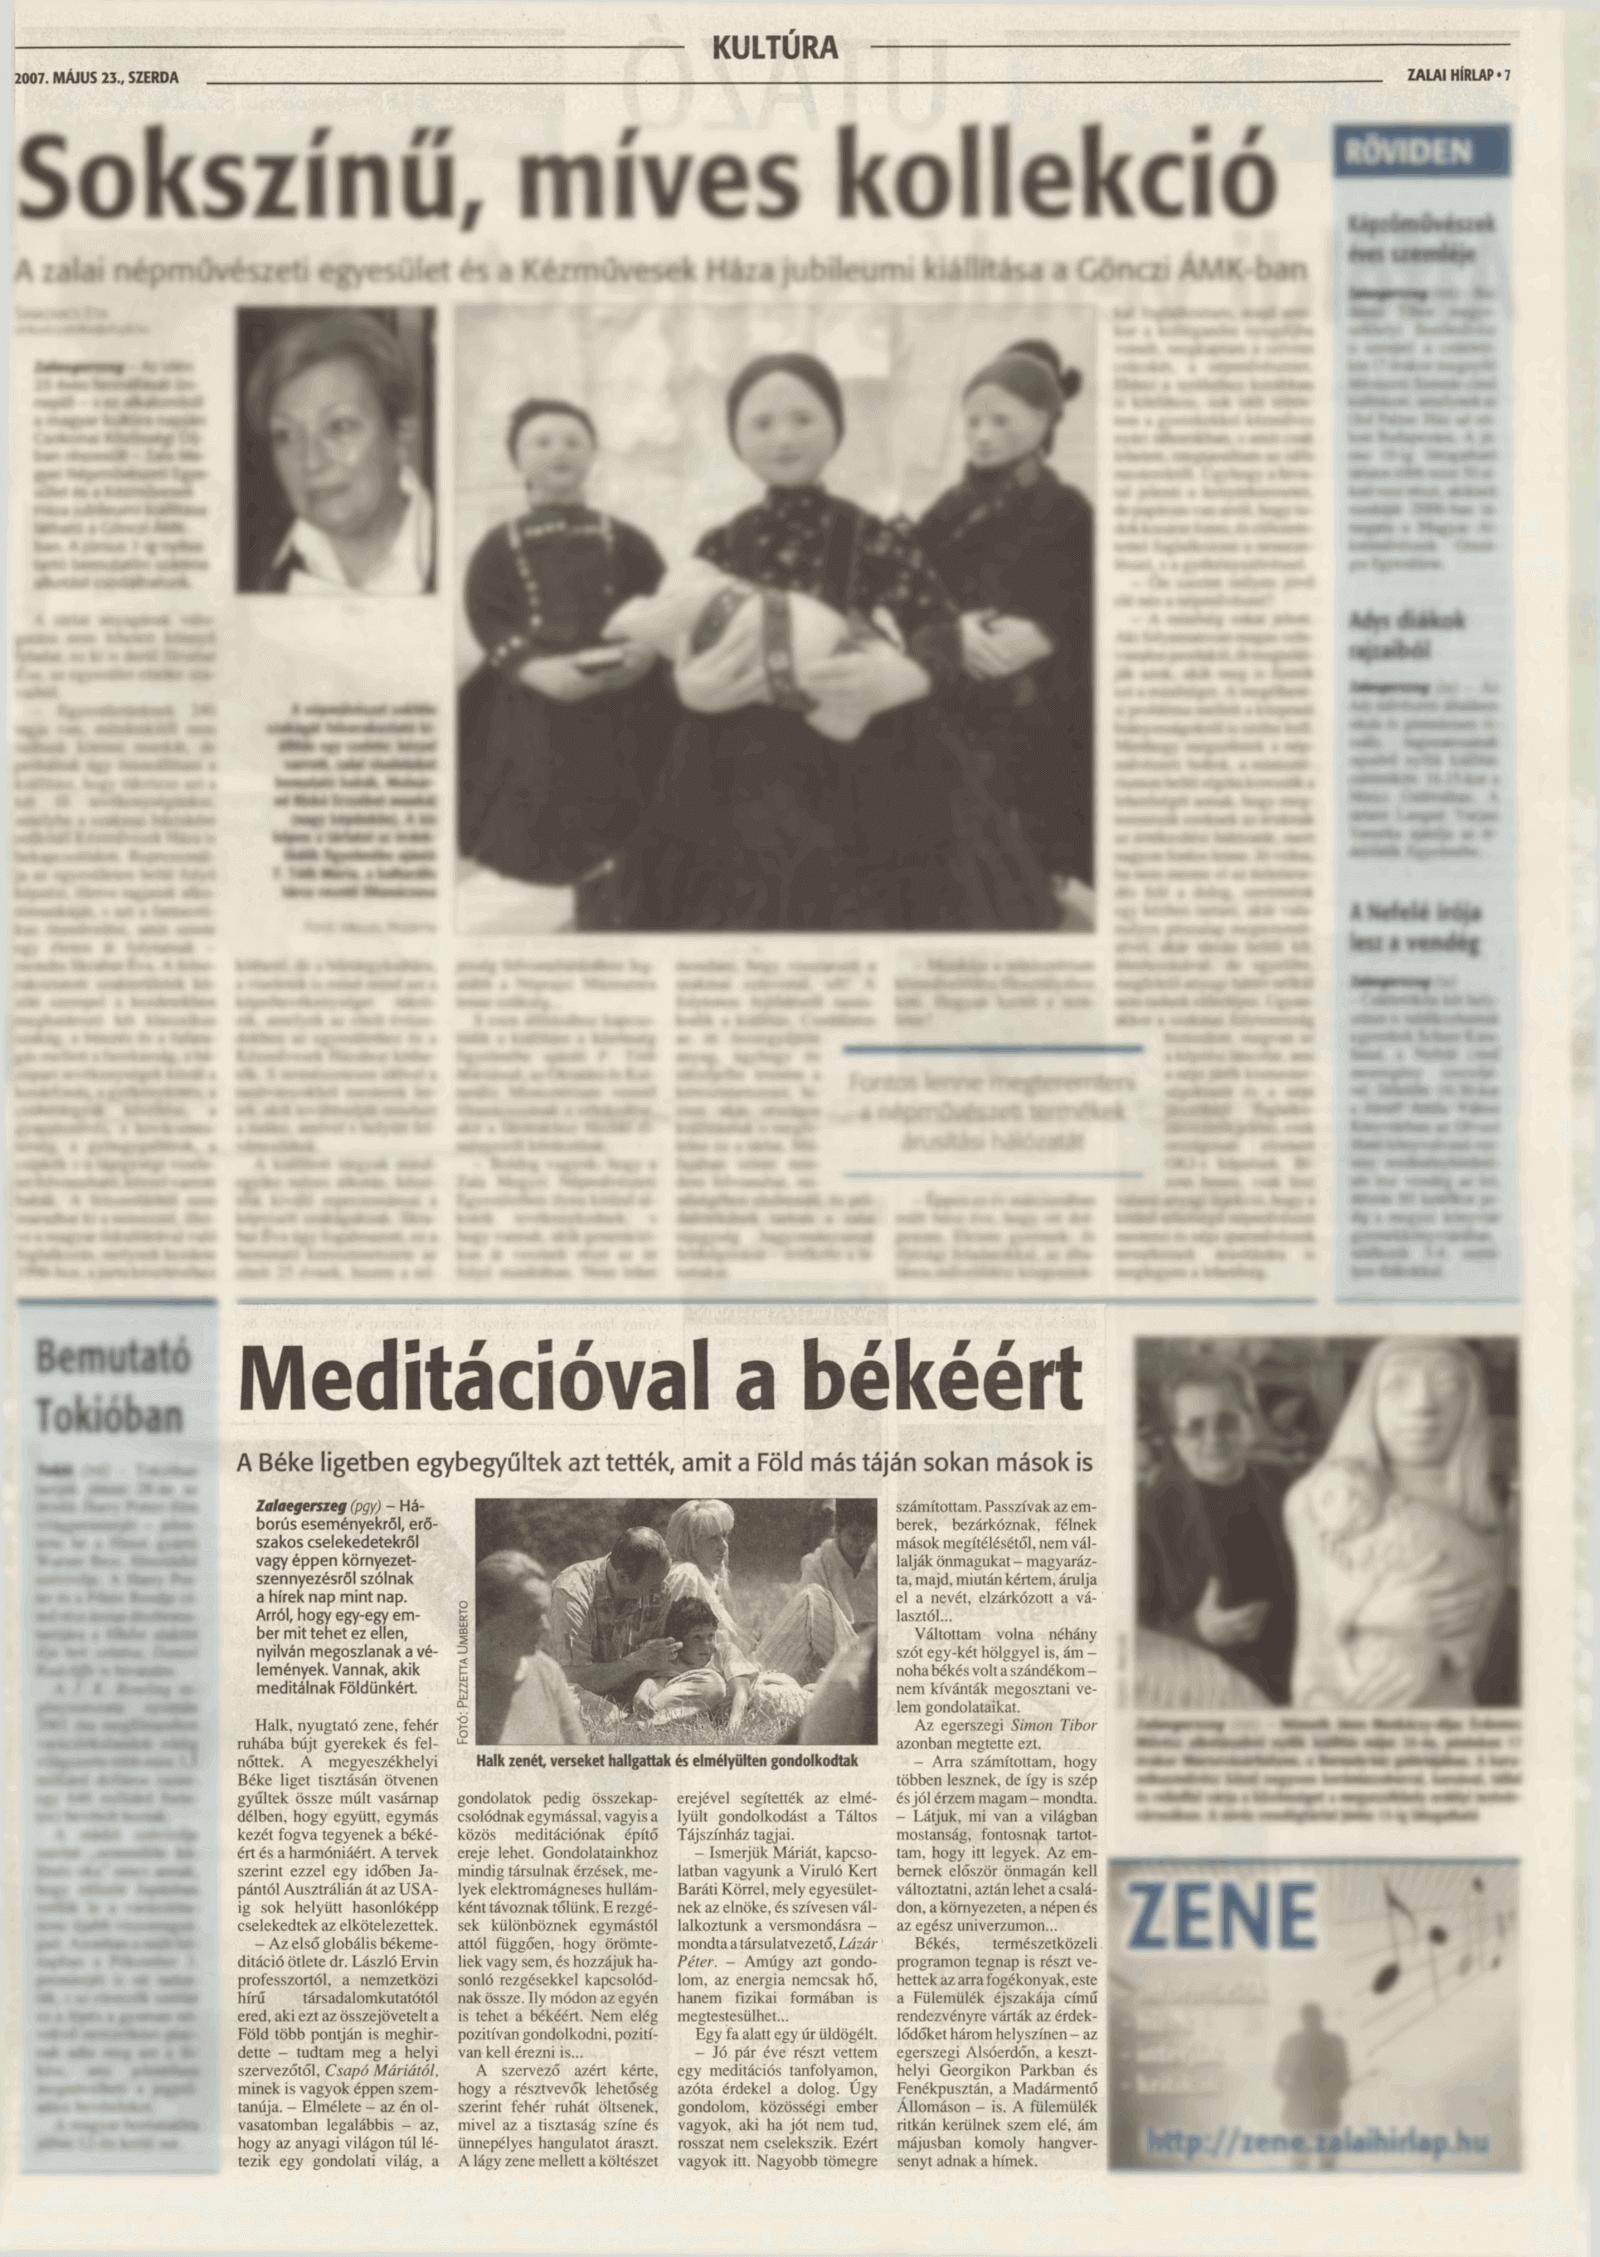 """GLOBÁLIS újságcikk: A meditációban békét teremtünk magunkban, és együtt meditálva a világban ..... - """"Viruló Kert"""" Baráti Egyesület"""